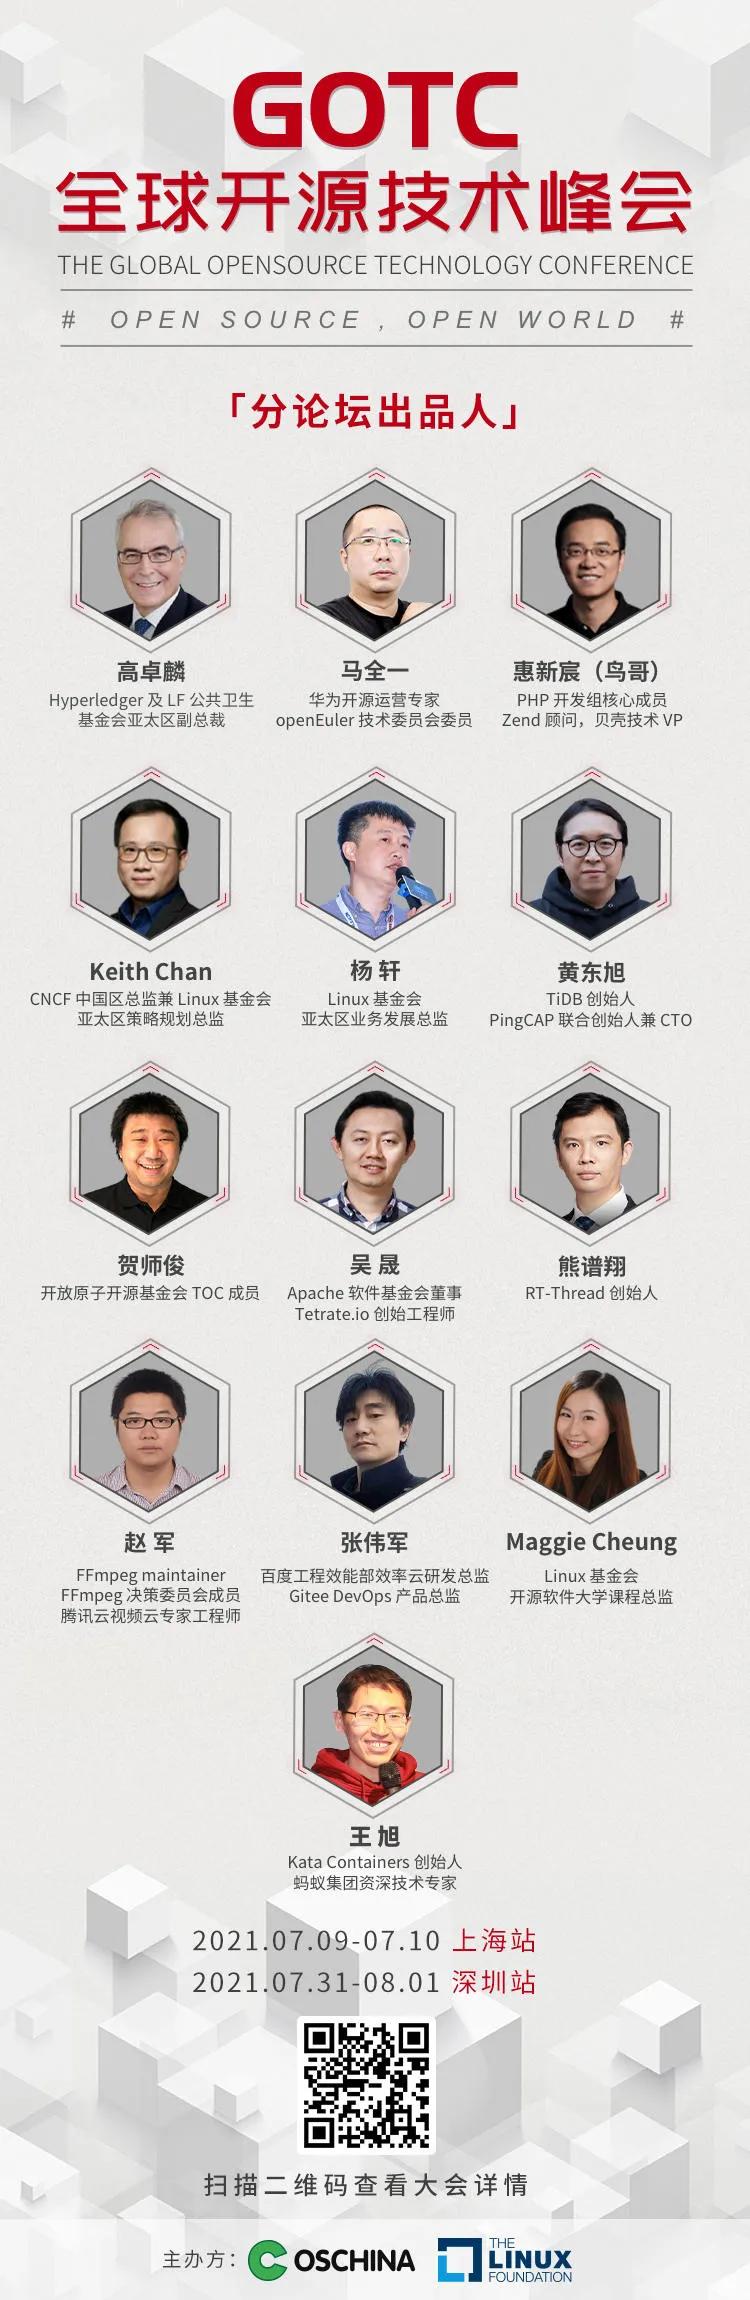 GOTC 深圳站延期通告